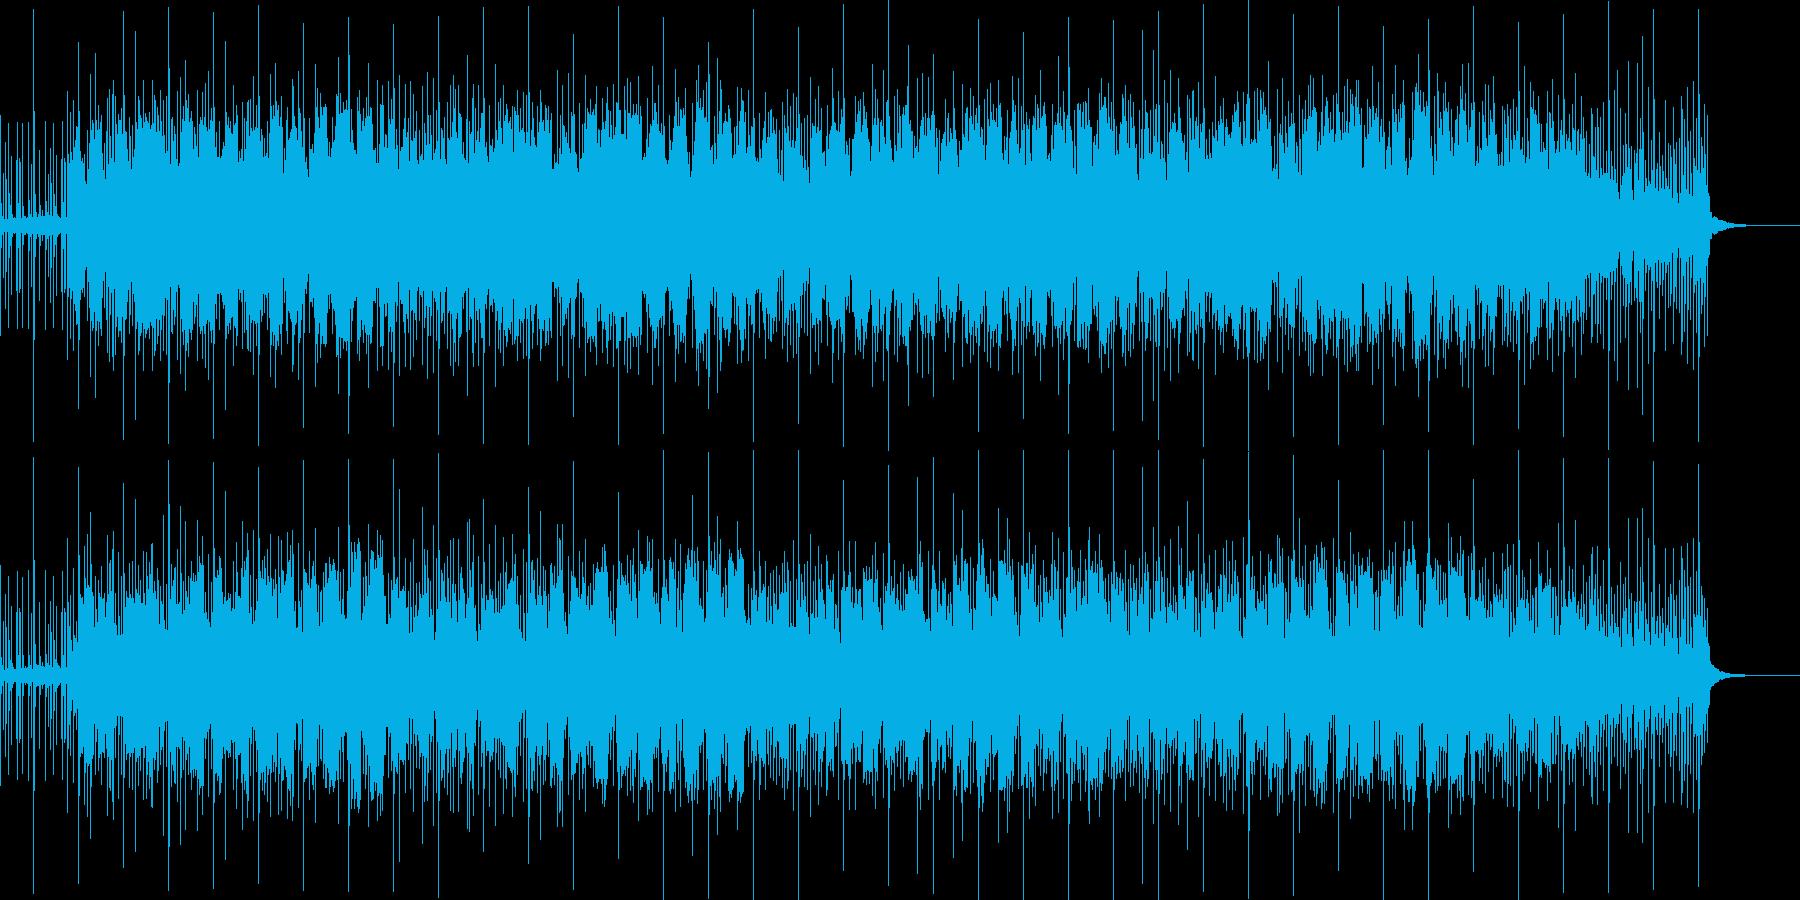 落ち着いた雰囲気のインスト。BGM。の再生済みの波形